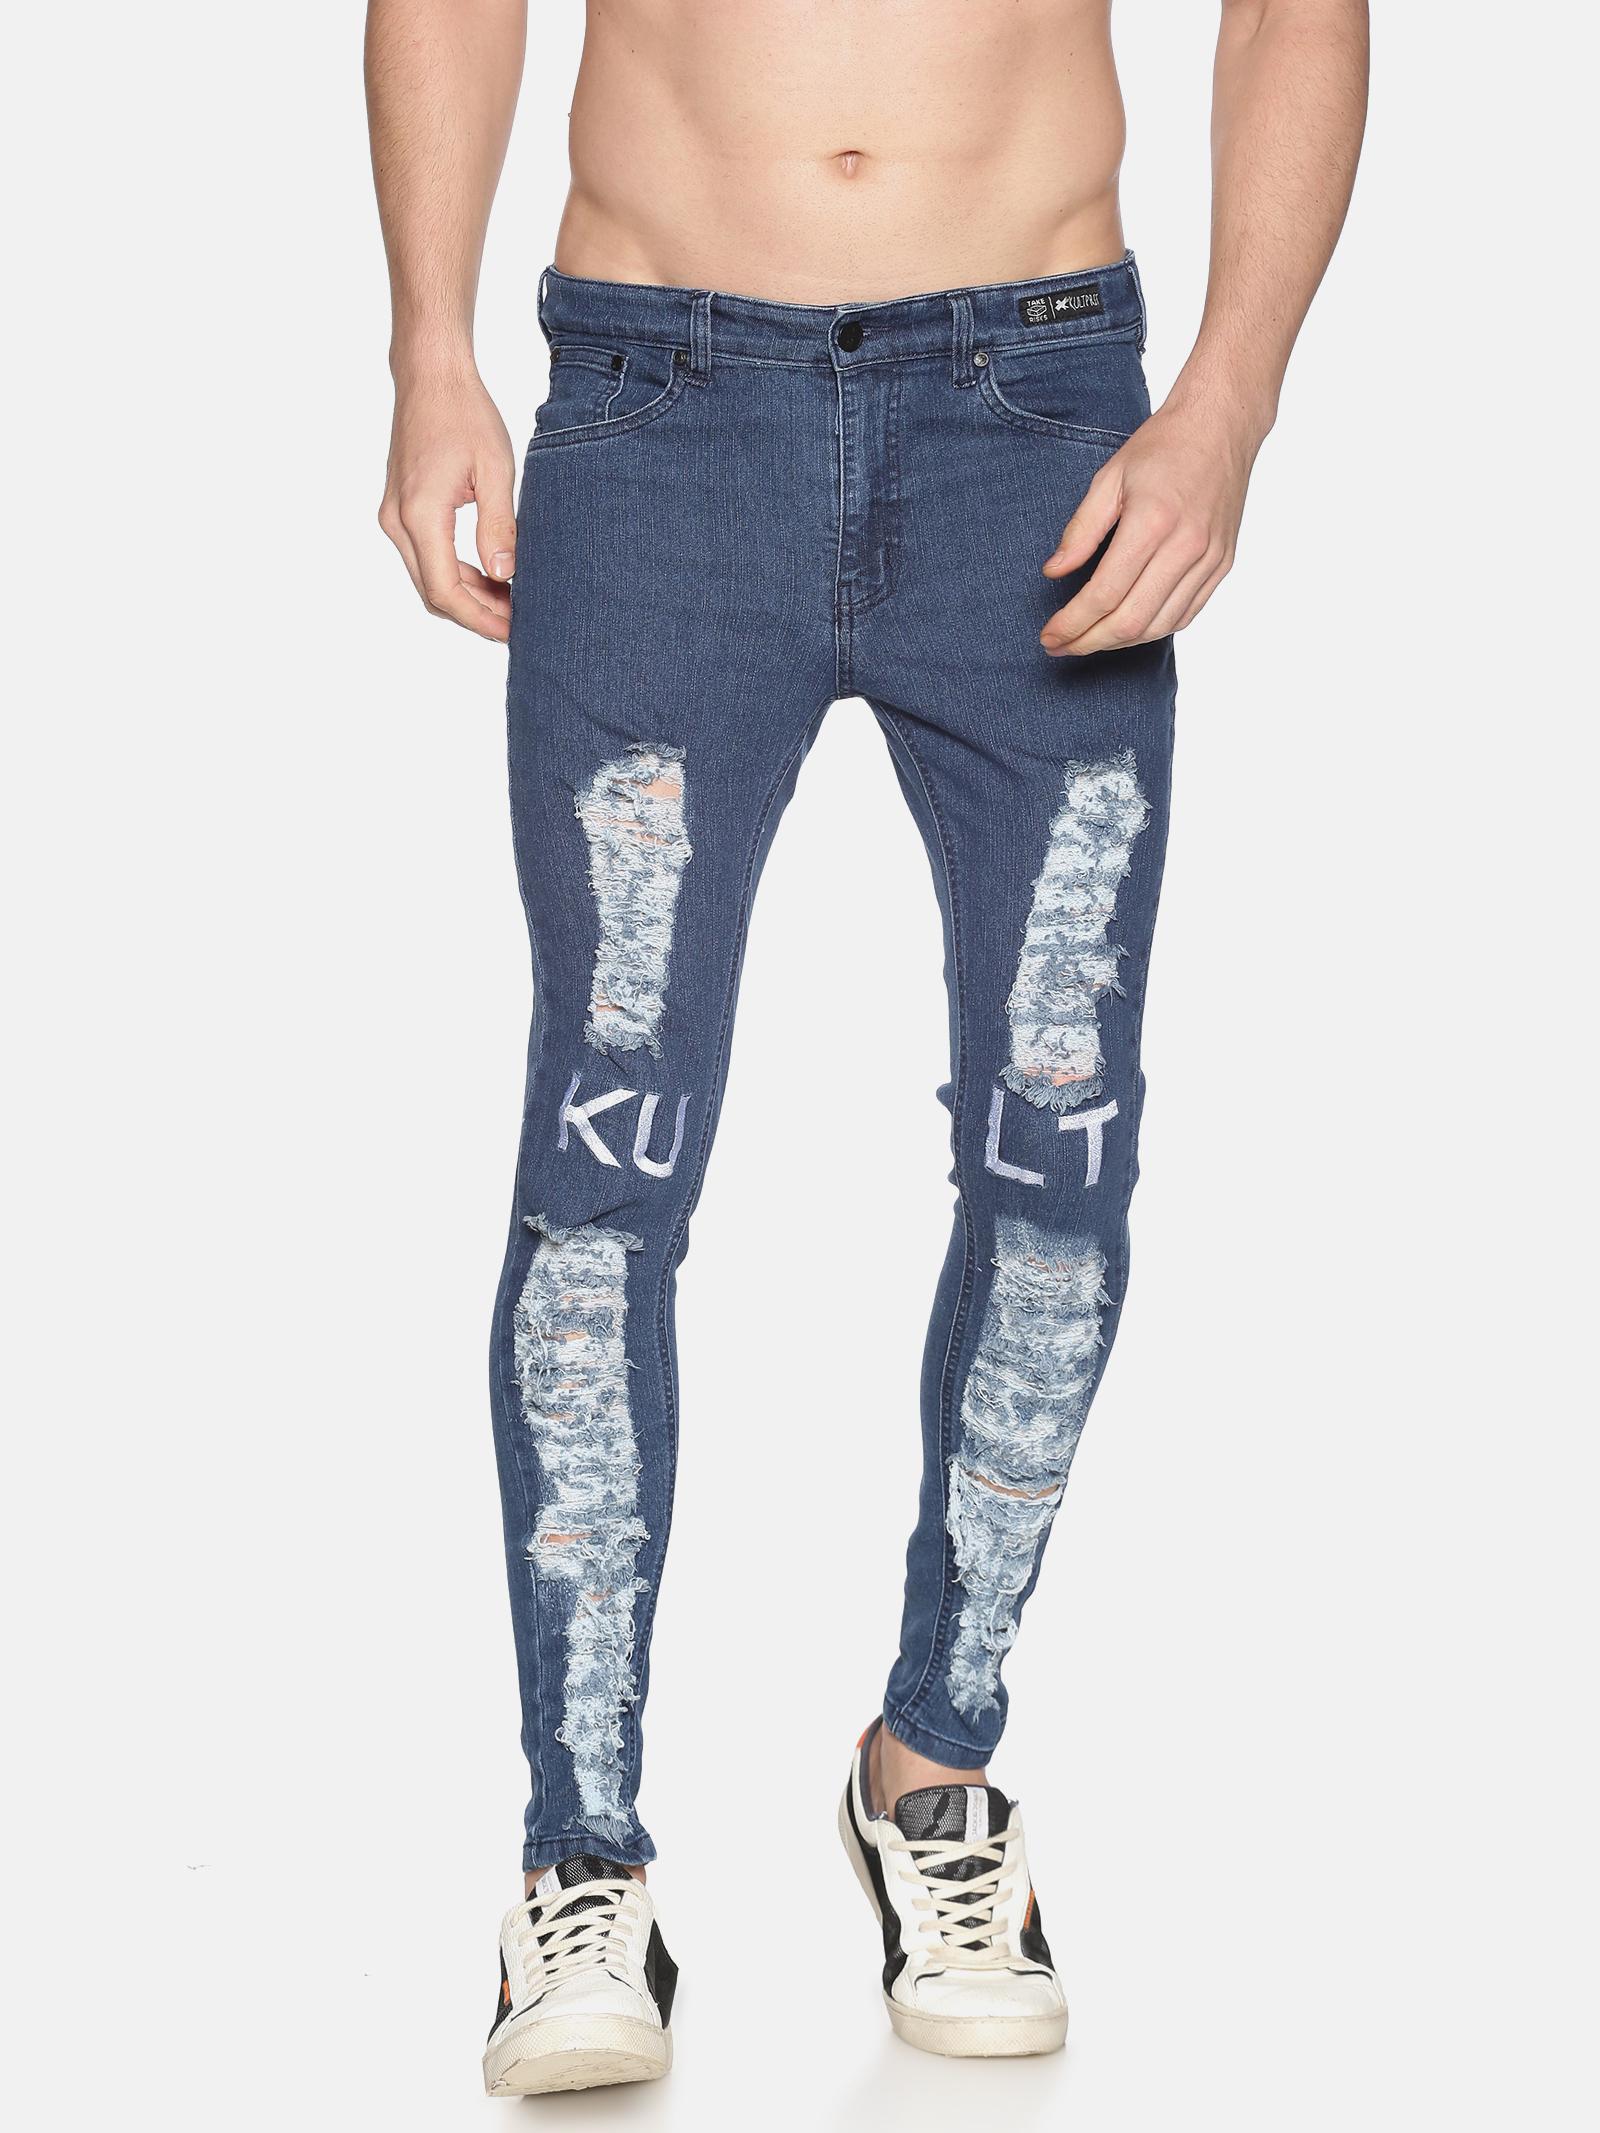 KULTPRIT | Denim Medium Washed Skinny Fit 5 Pockets Printed Jeans for Men